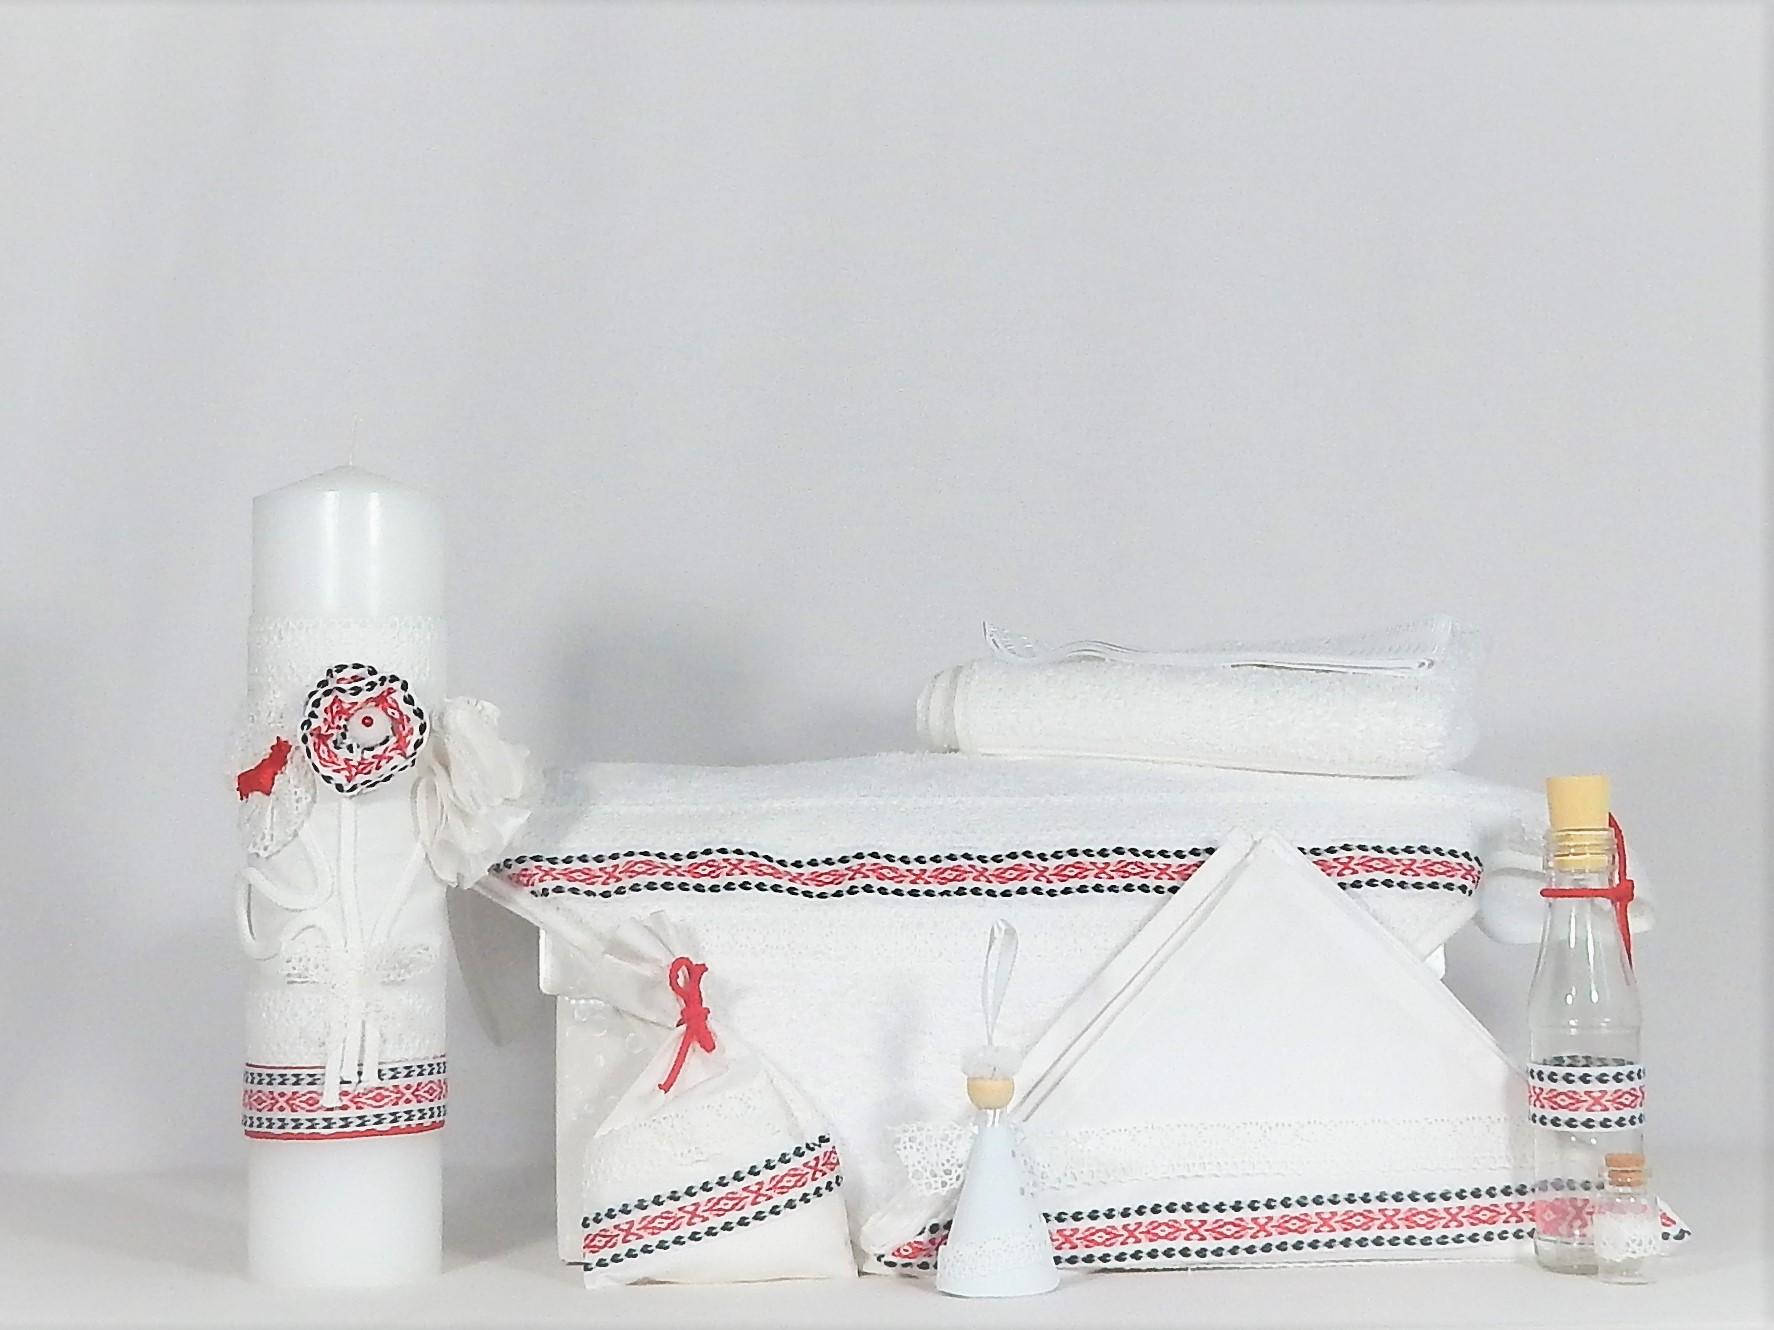 Set trusou alb tradițional și lumânare pentru botez- Folclor în Roșu și Negru